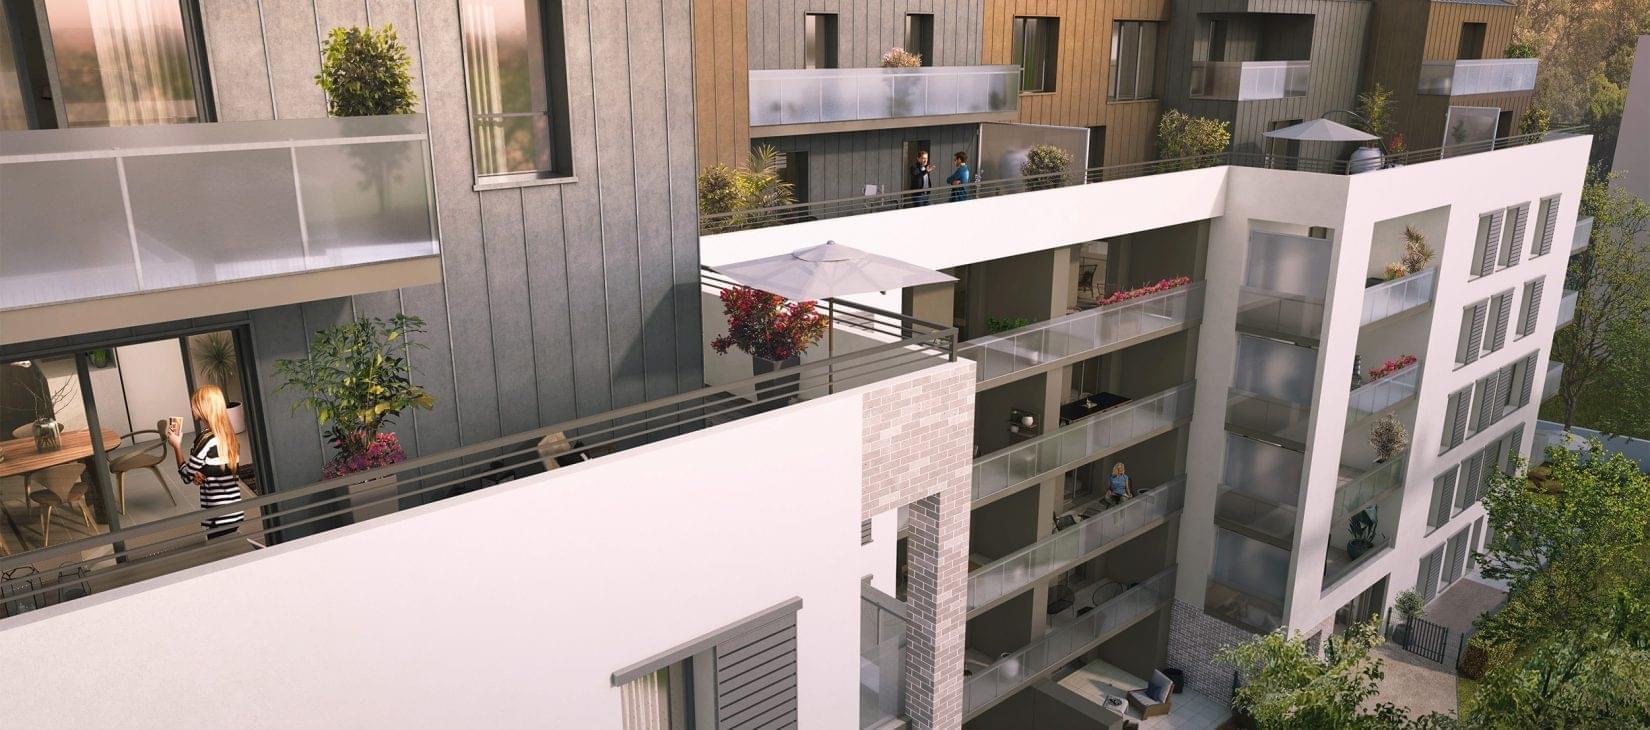 Résidence à Villeurbanne Proche transports, Villas duplex sur le toit, Proche commerces et écoles,